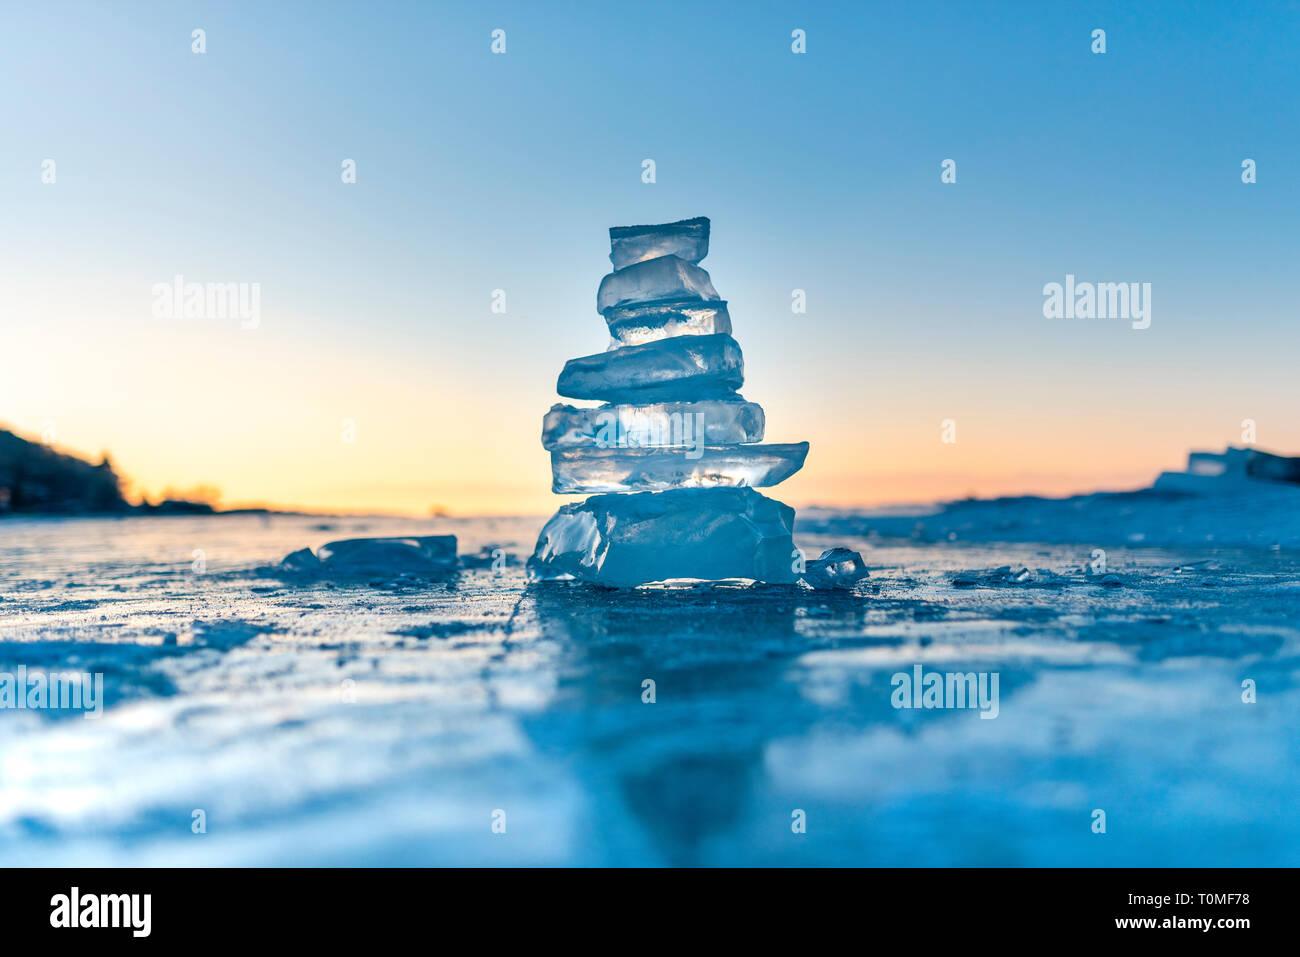 Pedazos de hielo y esculturas de hielo al atardecer en el lago Baikal, en Siberia, Rusia Foto de stock